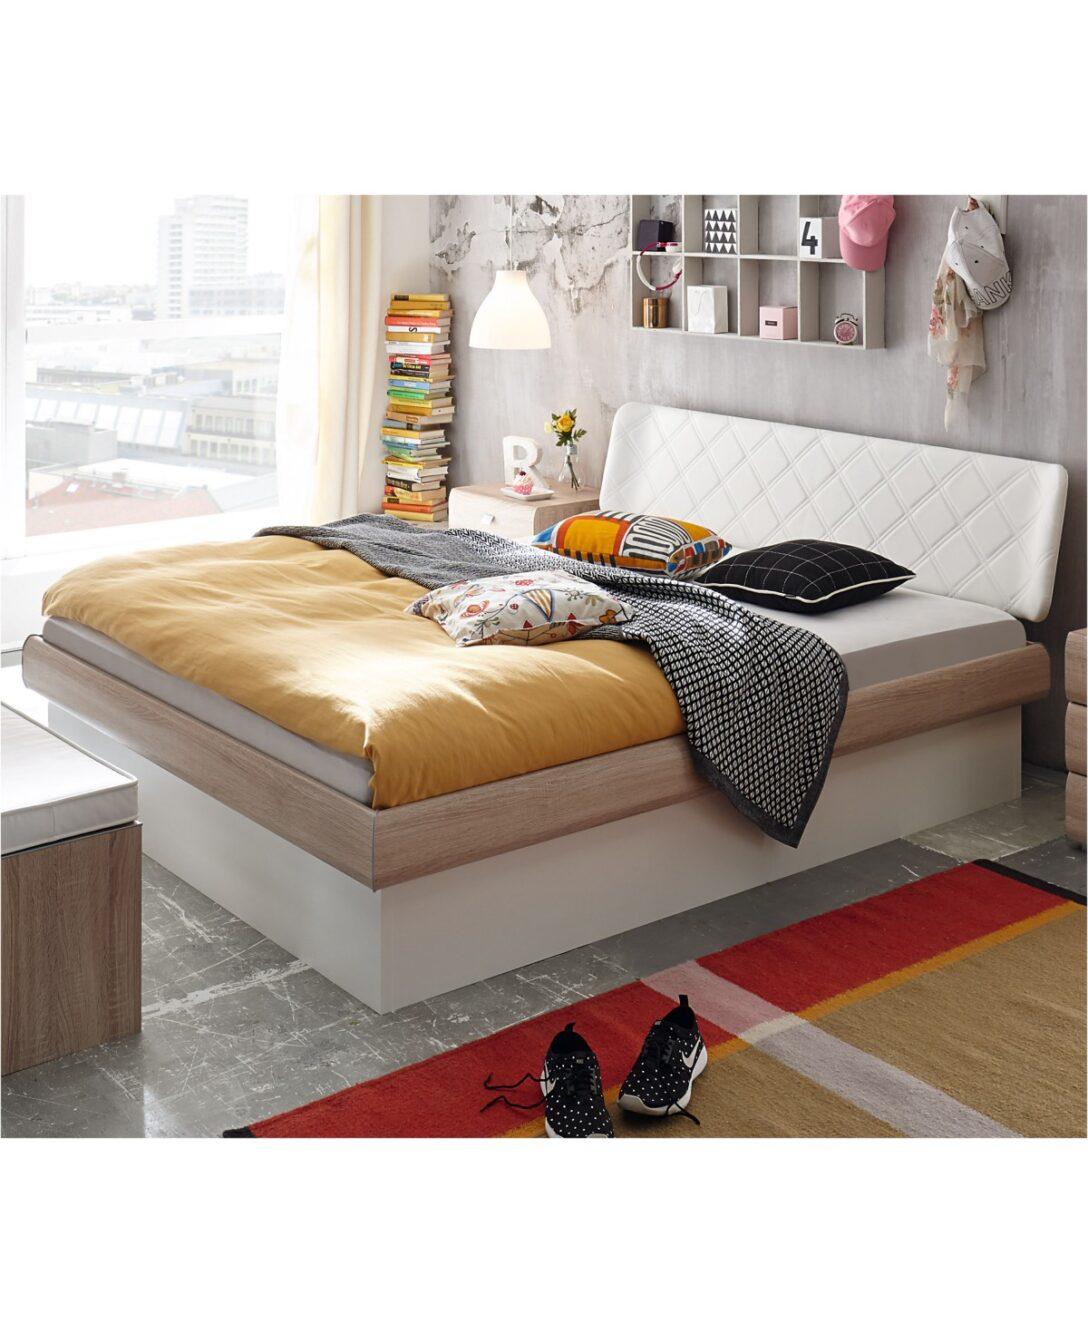 Large Size of Hasena Soft Line Stauraumbett Practico Boeiche Sgerauh Dekor Betten 200x200 Stauraum Bett Mit Bettkasten Komforthöhe Weiß Wohnzimmer Stauraumbett 200x200